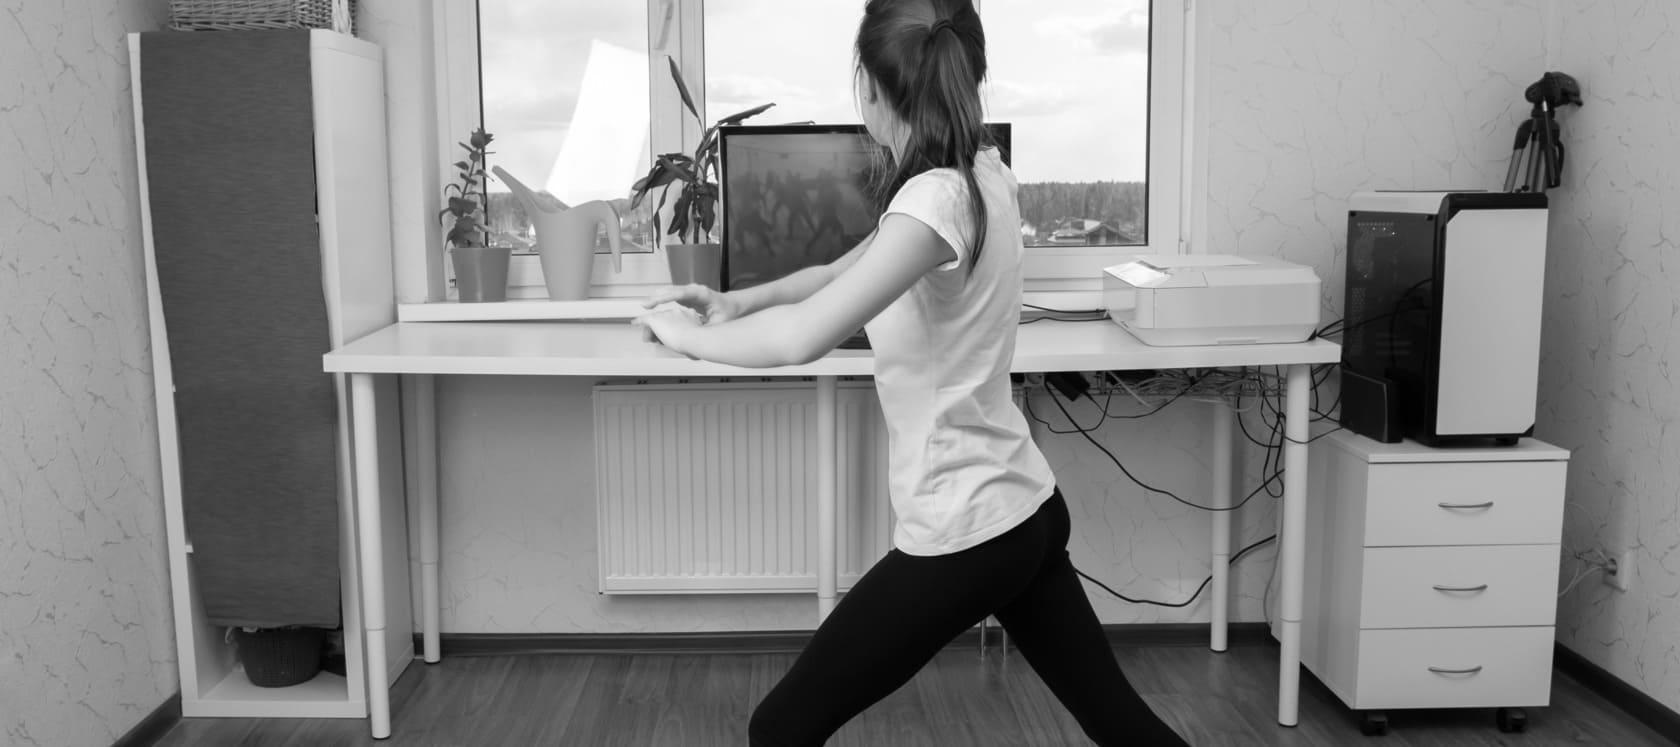 Clases de baile online